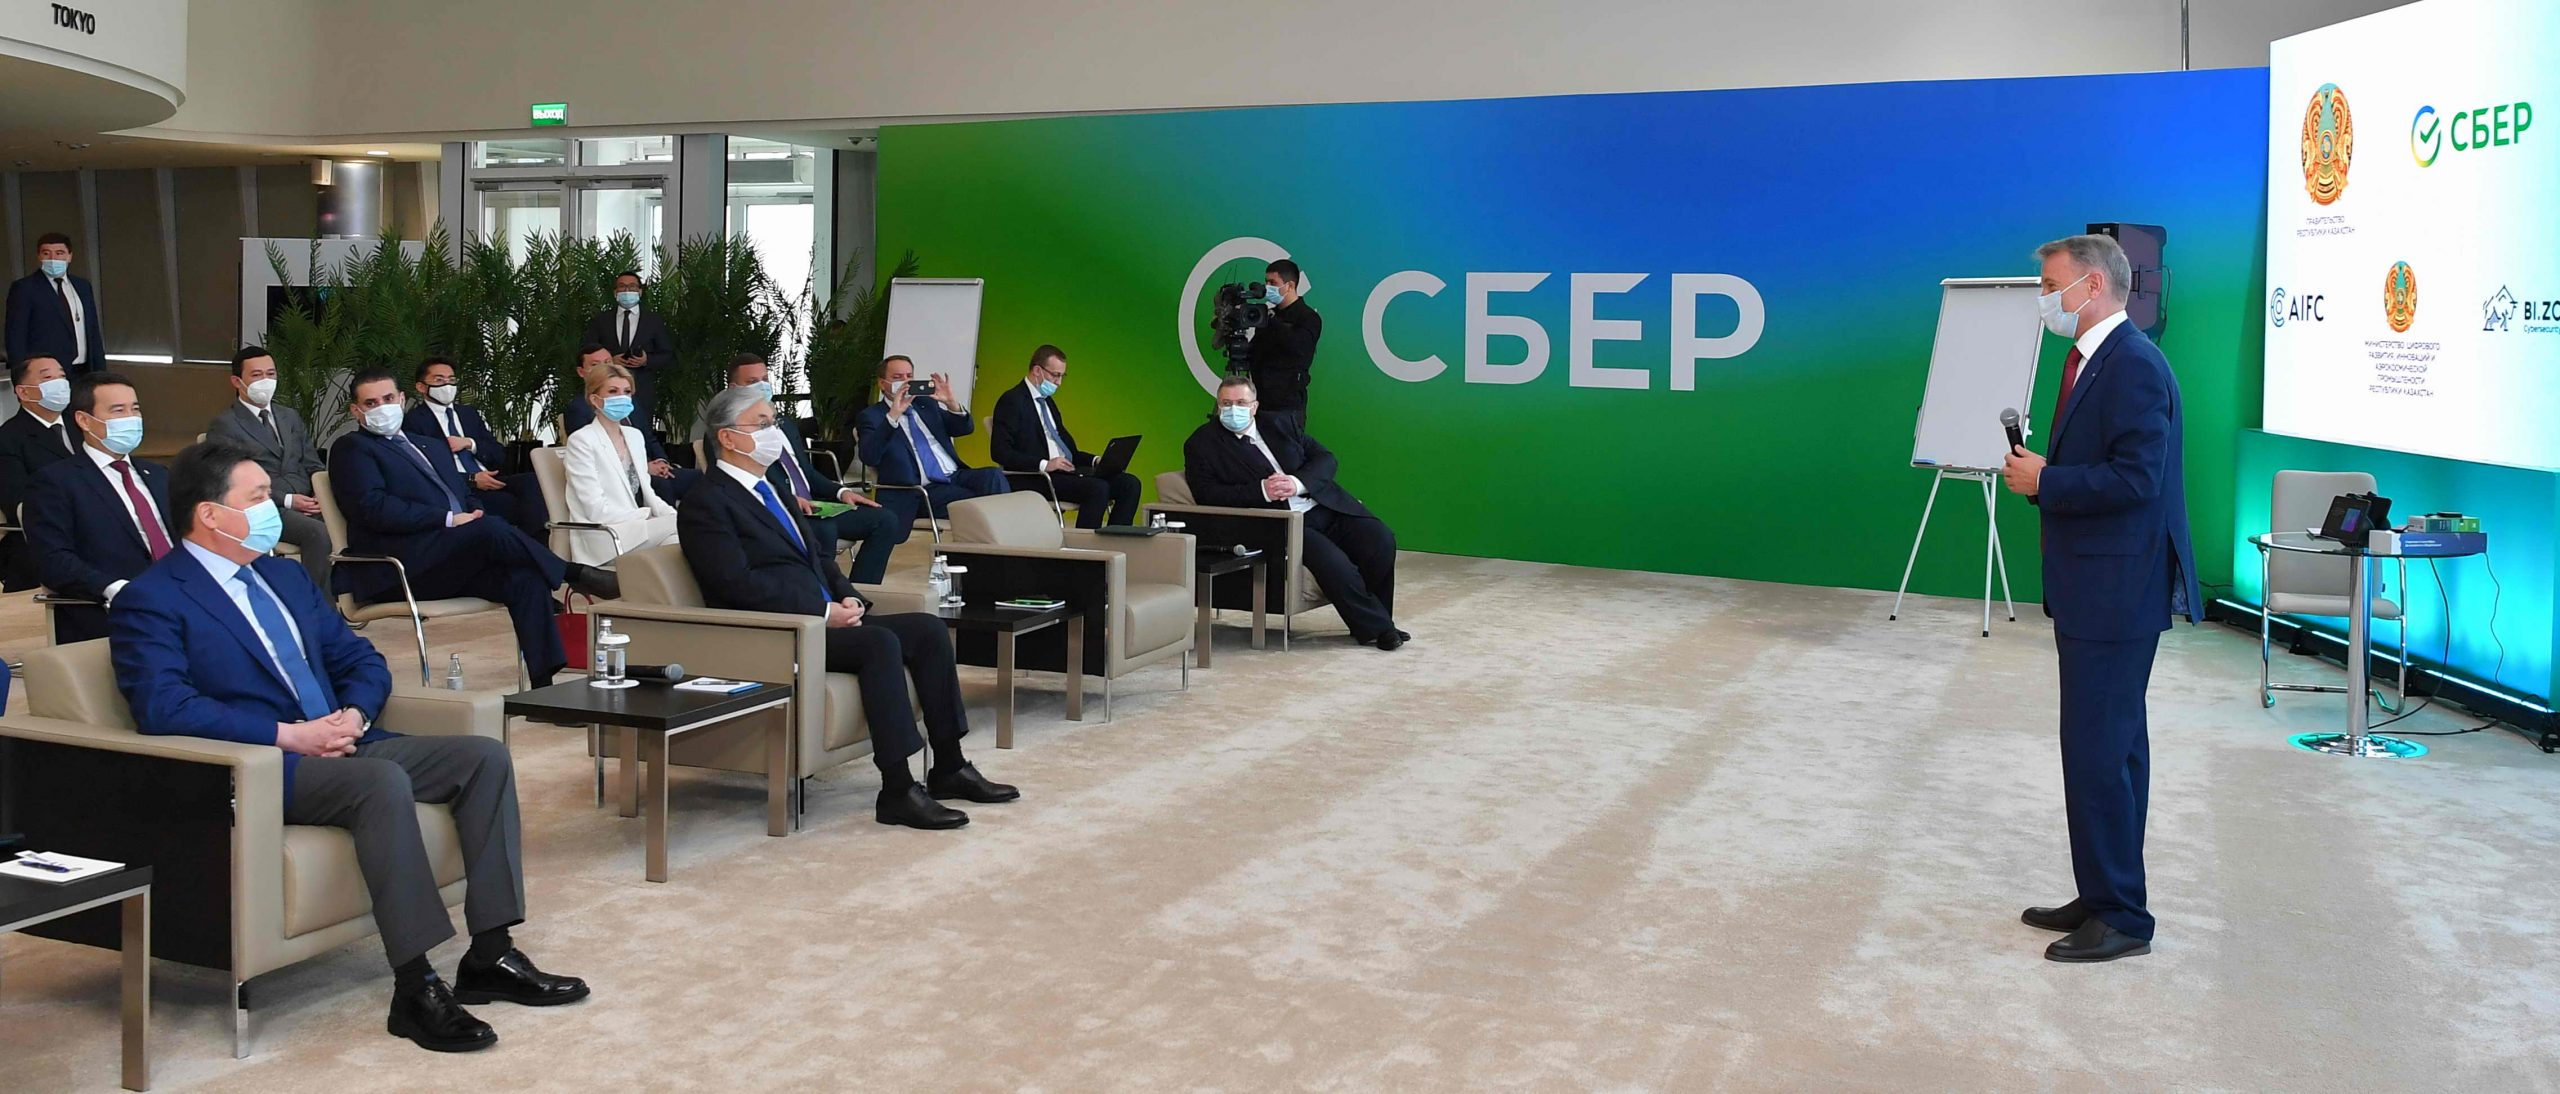 Касым-Жомарт Токаев обсудил с российской делегацией вопросы цифровизации